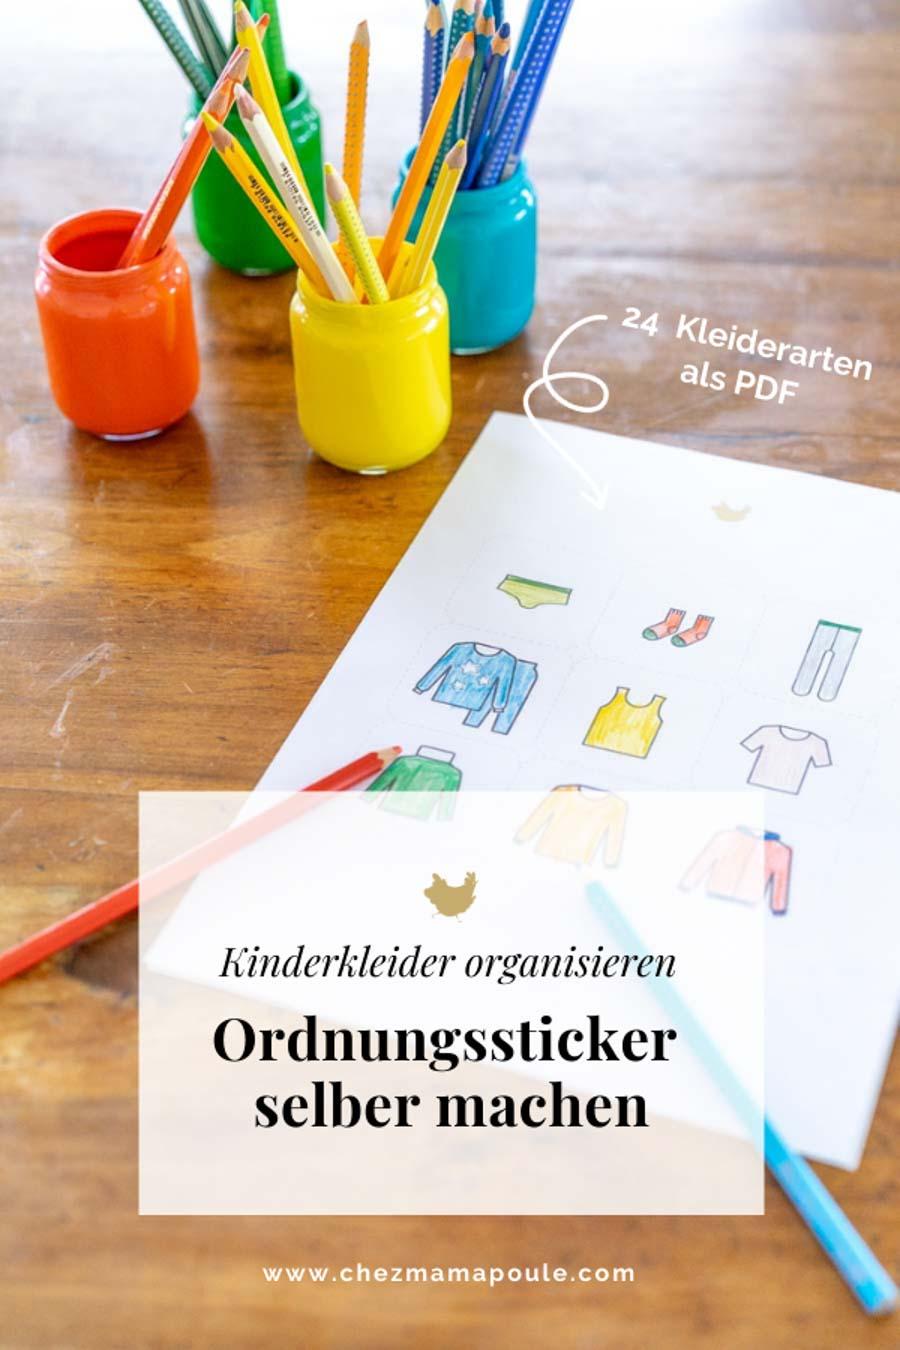 Montessori Druckvorlagen // Kleideretiketten Kinderzimmer download. Aufräumen mit Freude unter: chezmamapoule.com